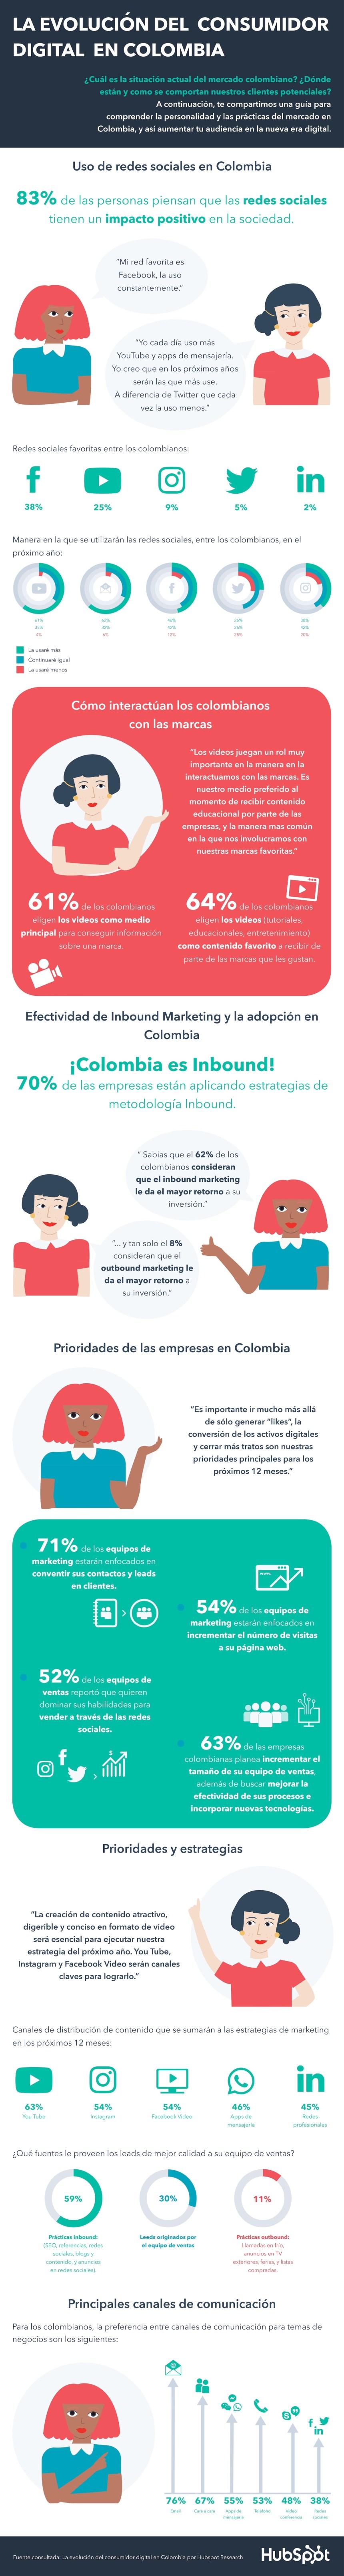 La evolución del consumidor digital en Colombia